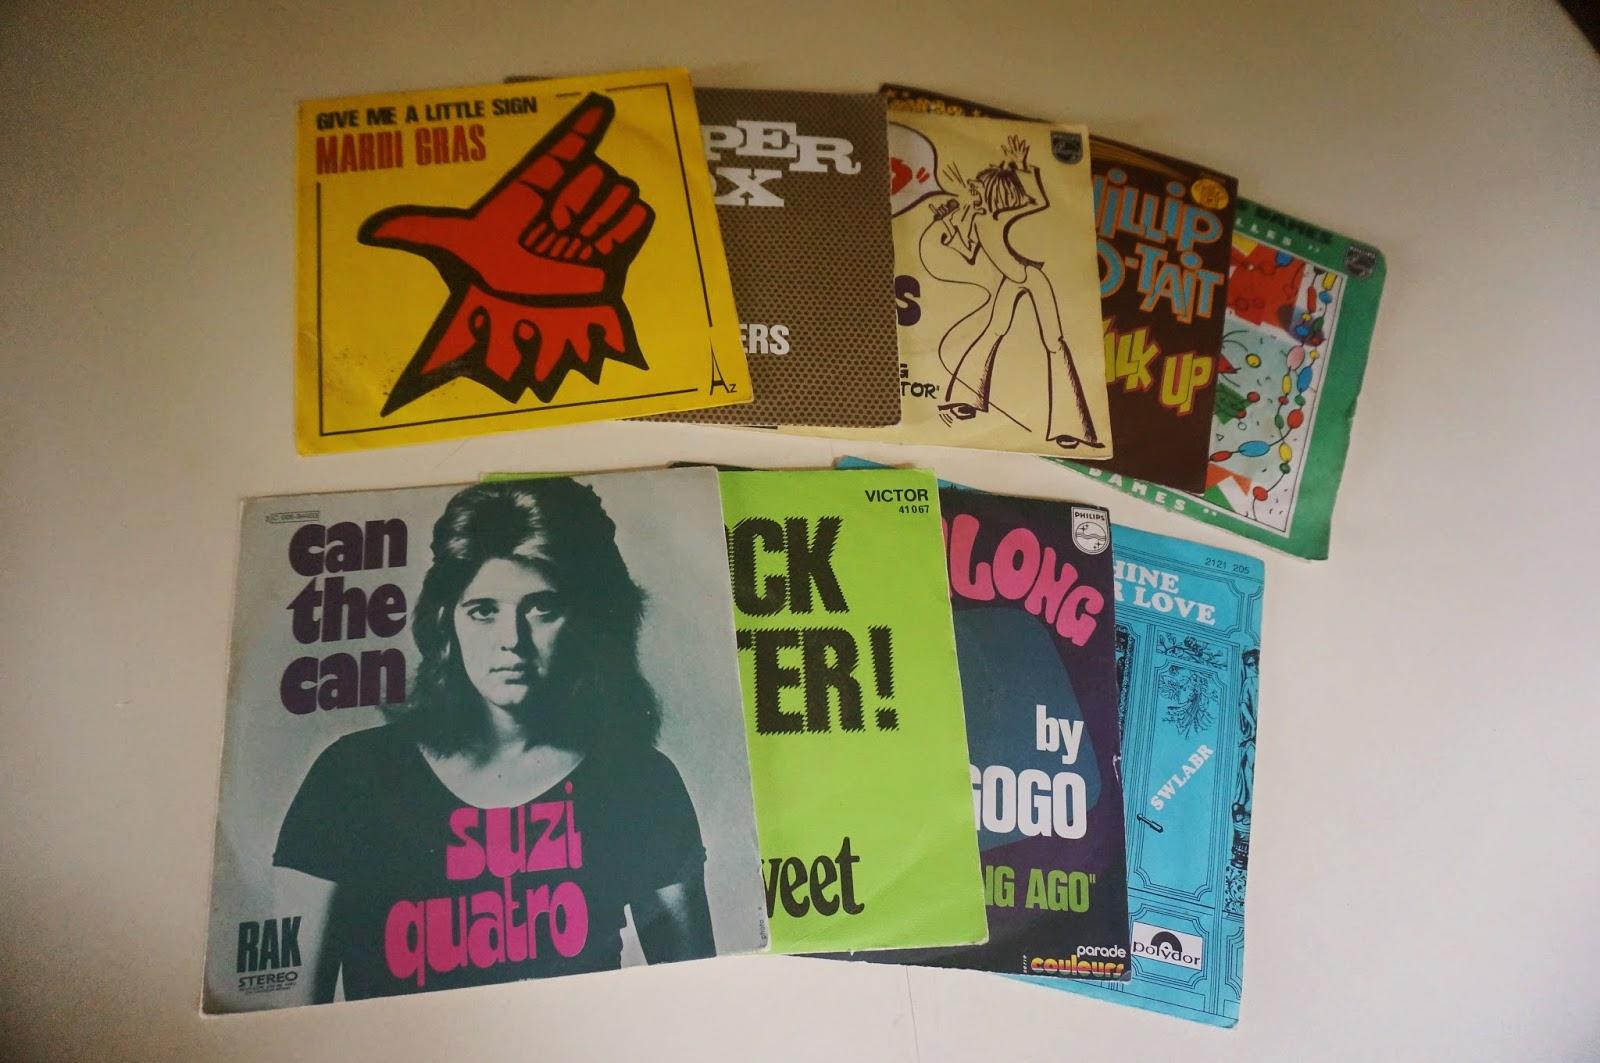 Des 45 tours trouvés ce matin à Meaux glam rock the sweet suzi quatro Des rouleaux d' adhésif  Vénilia trouvés au monstre cette semaine BROCANTE 1970 70s années 70